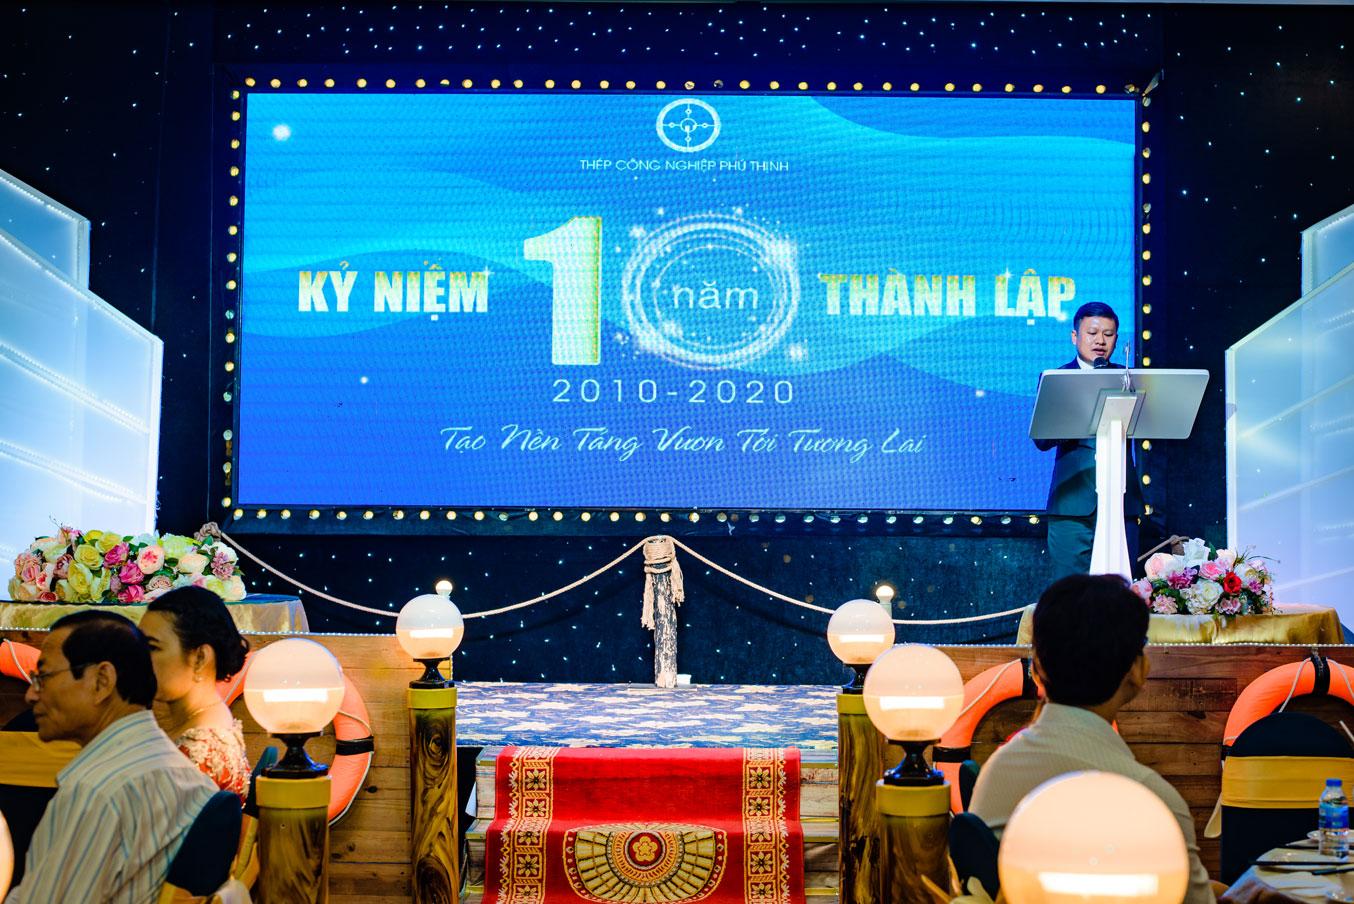 Ông Hà Thanh Tường - Giám đốc Thép công nghiệp Phú Thịnh có đôi lời phát biểu trong ngày lễ trọng đại này